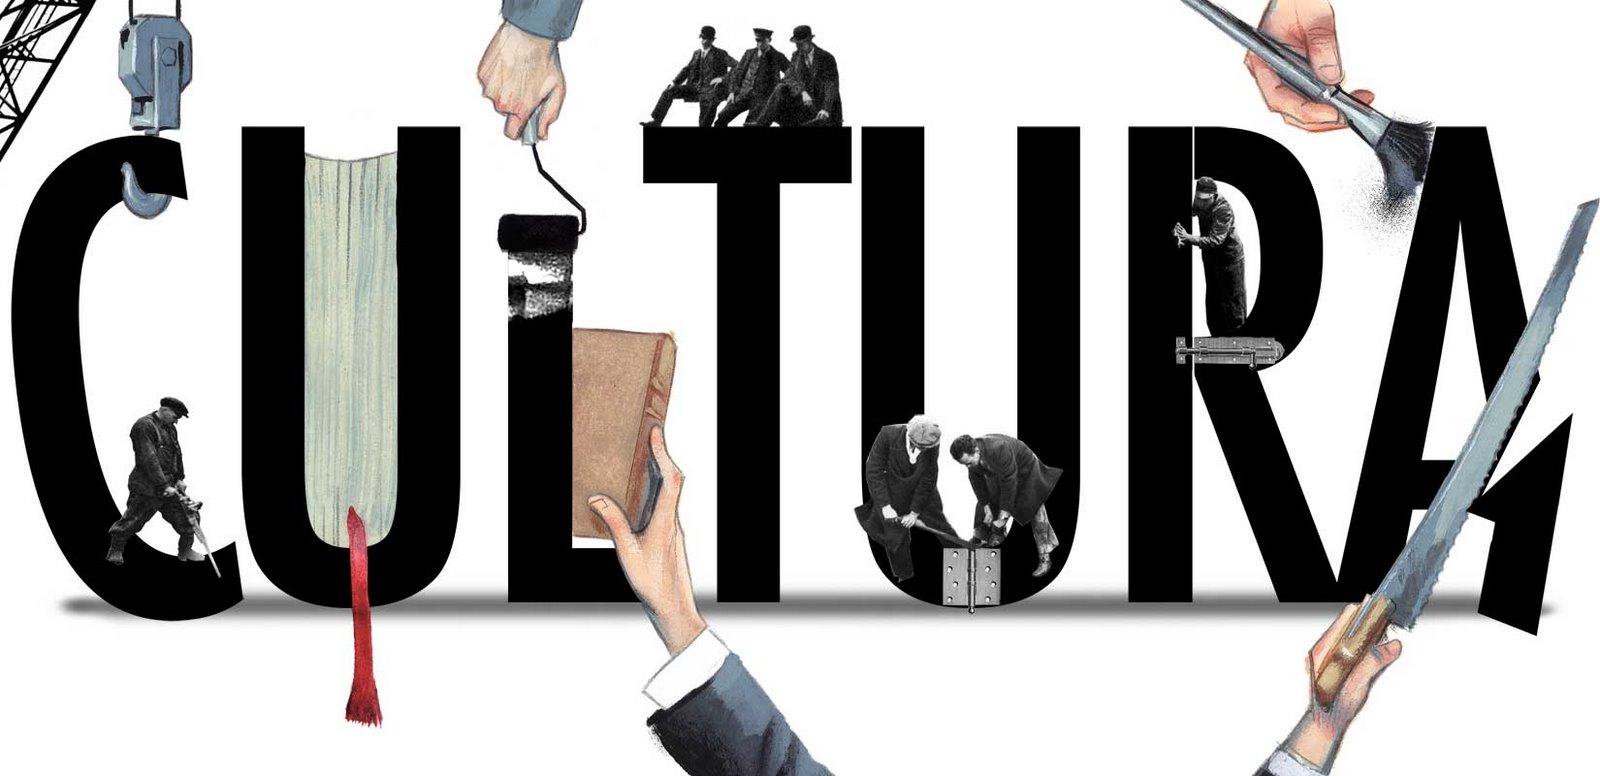 L'importanza della cultura spiegata ai giovani, contro il mito dell'utile